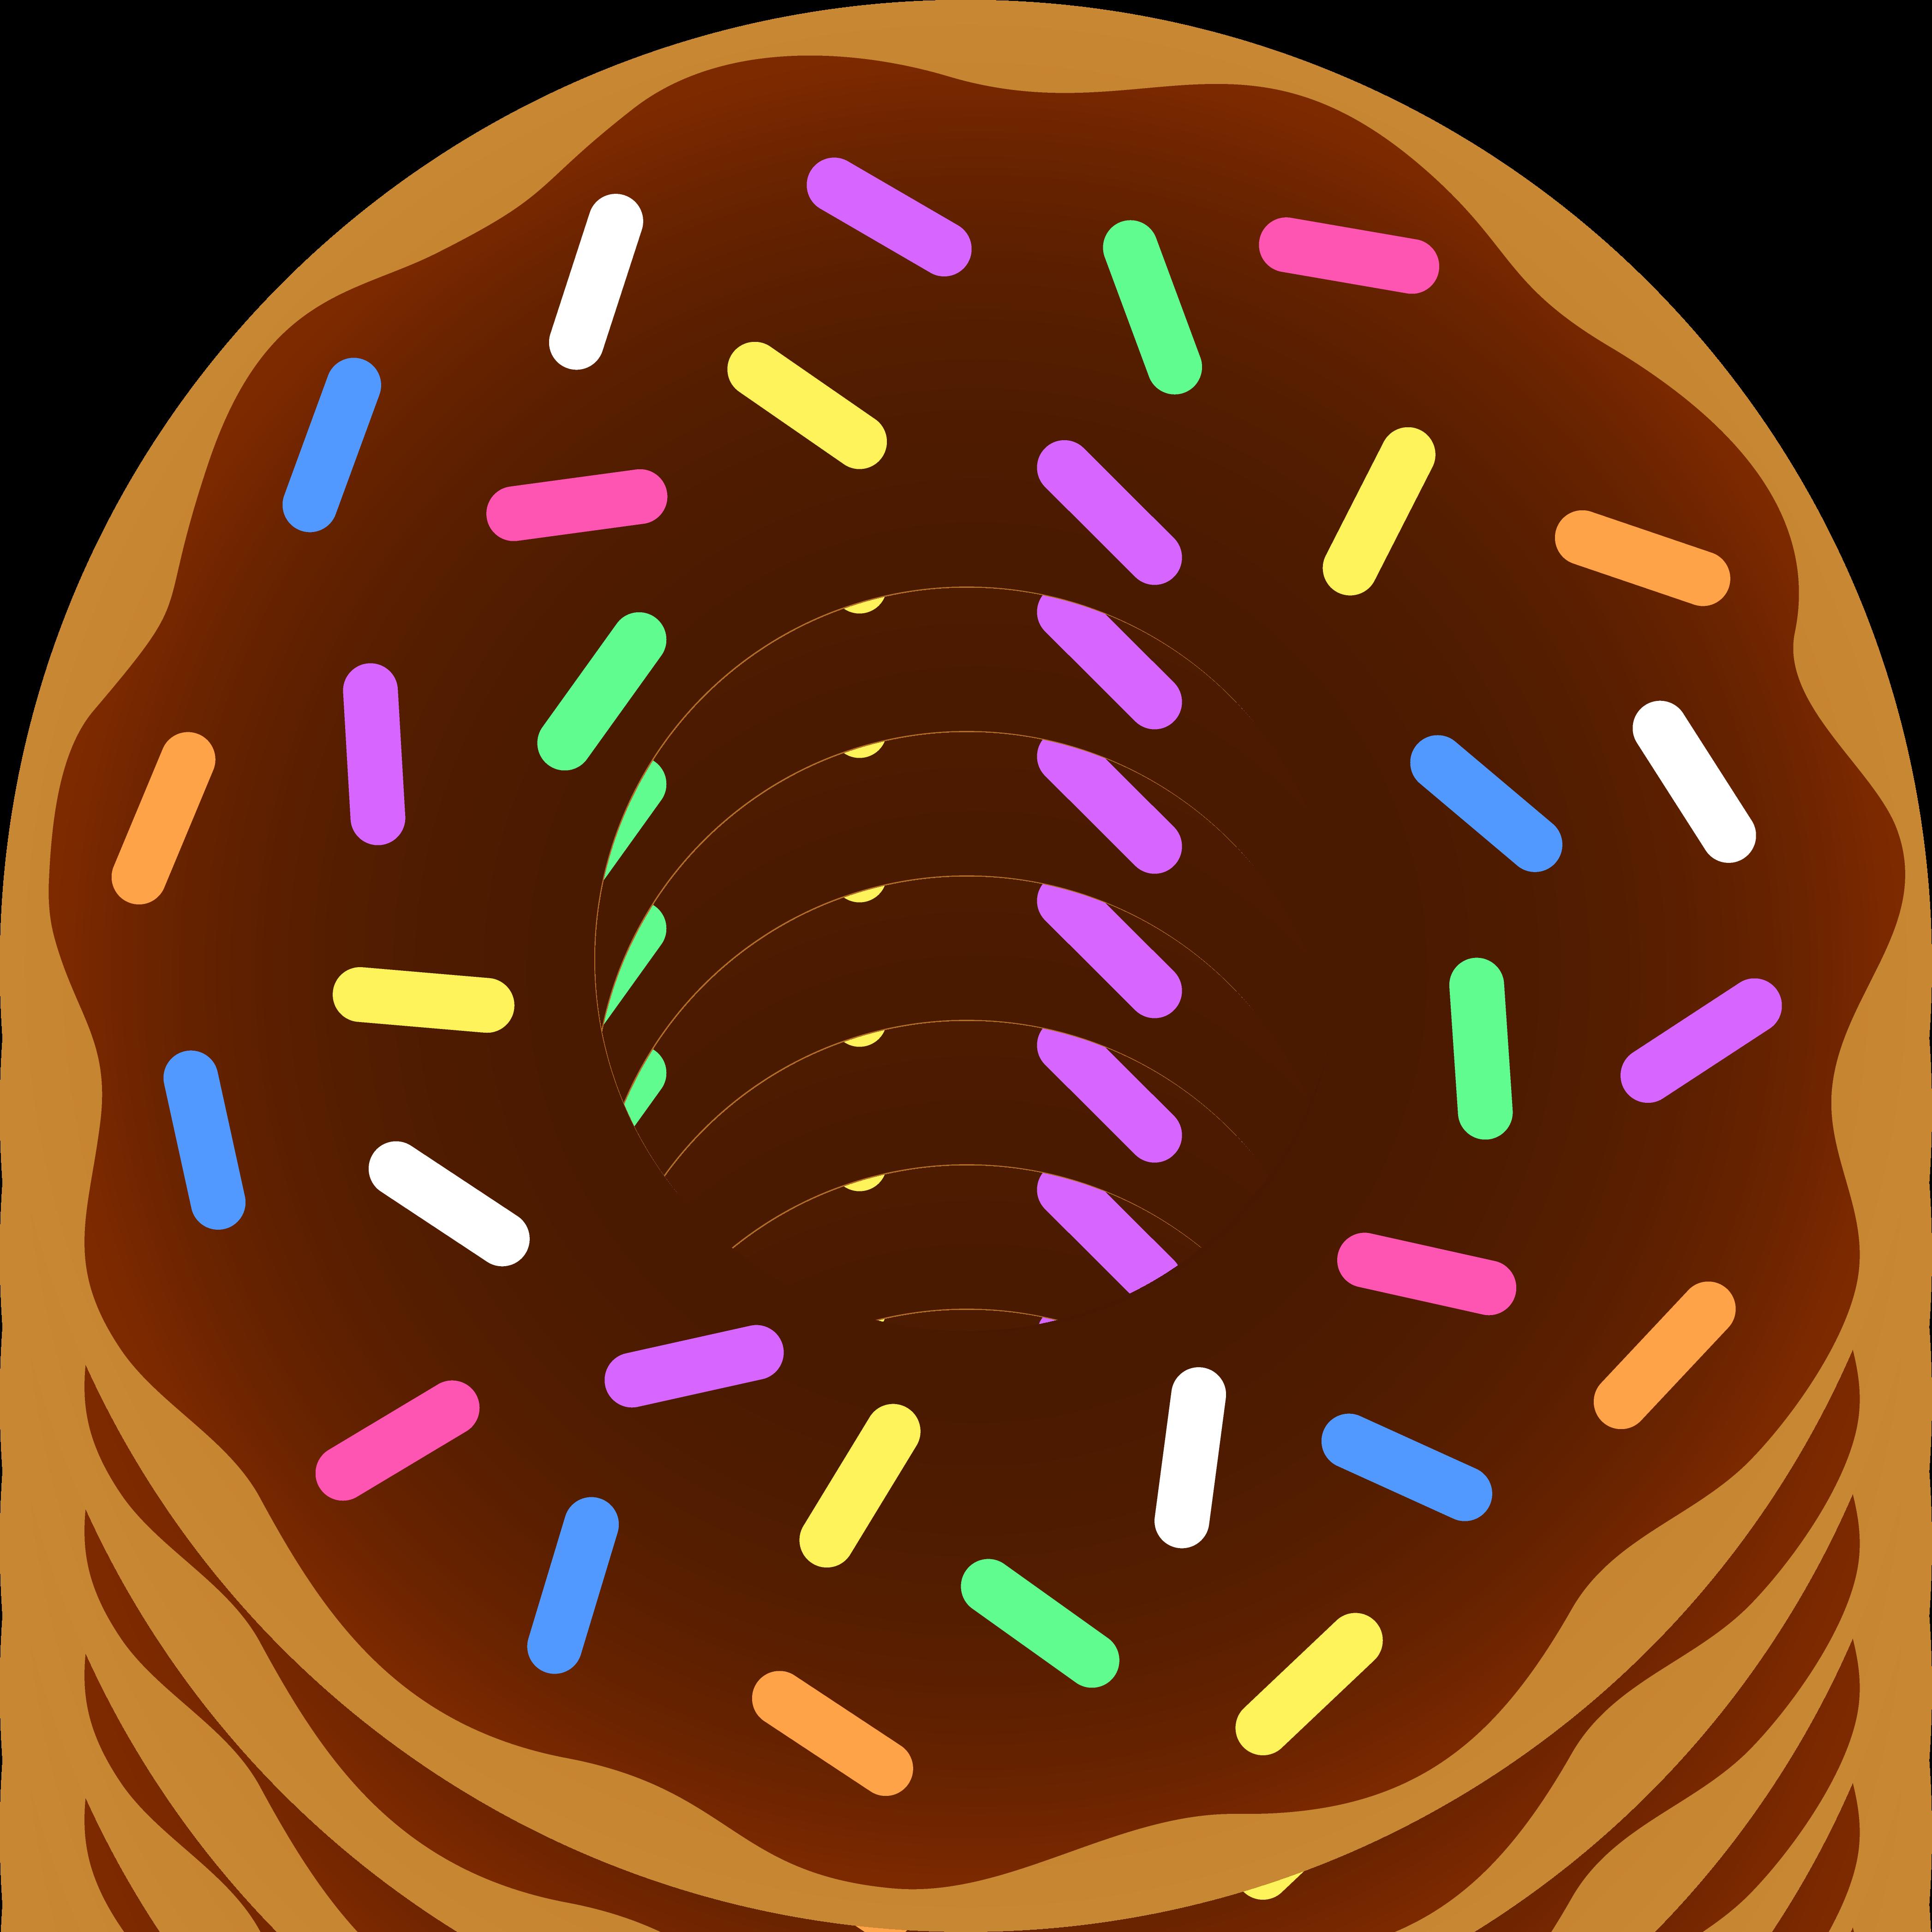 Doughnut Clipart & Doughnut Clip Art Images.